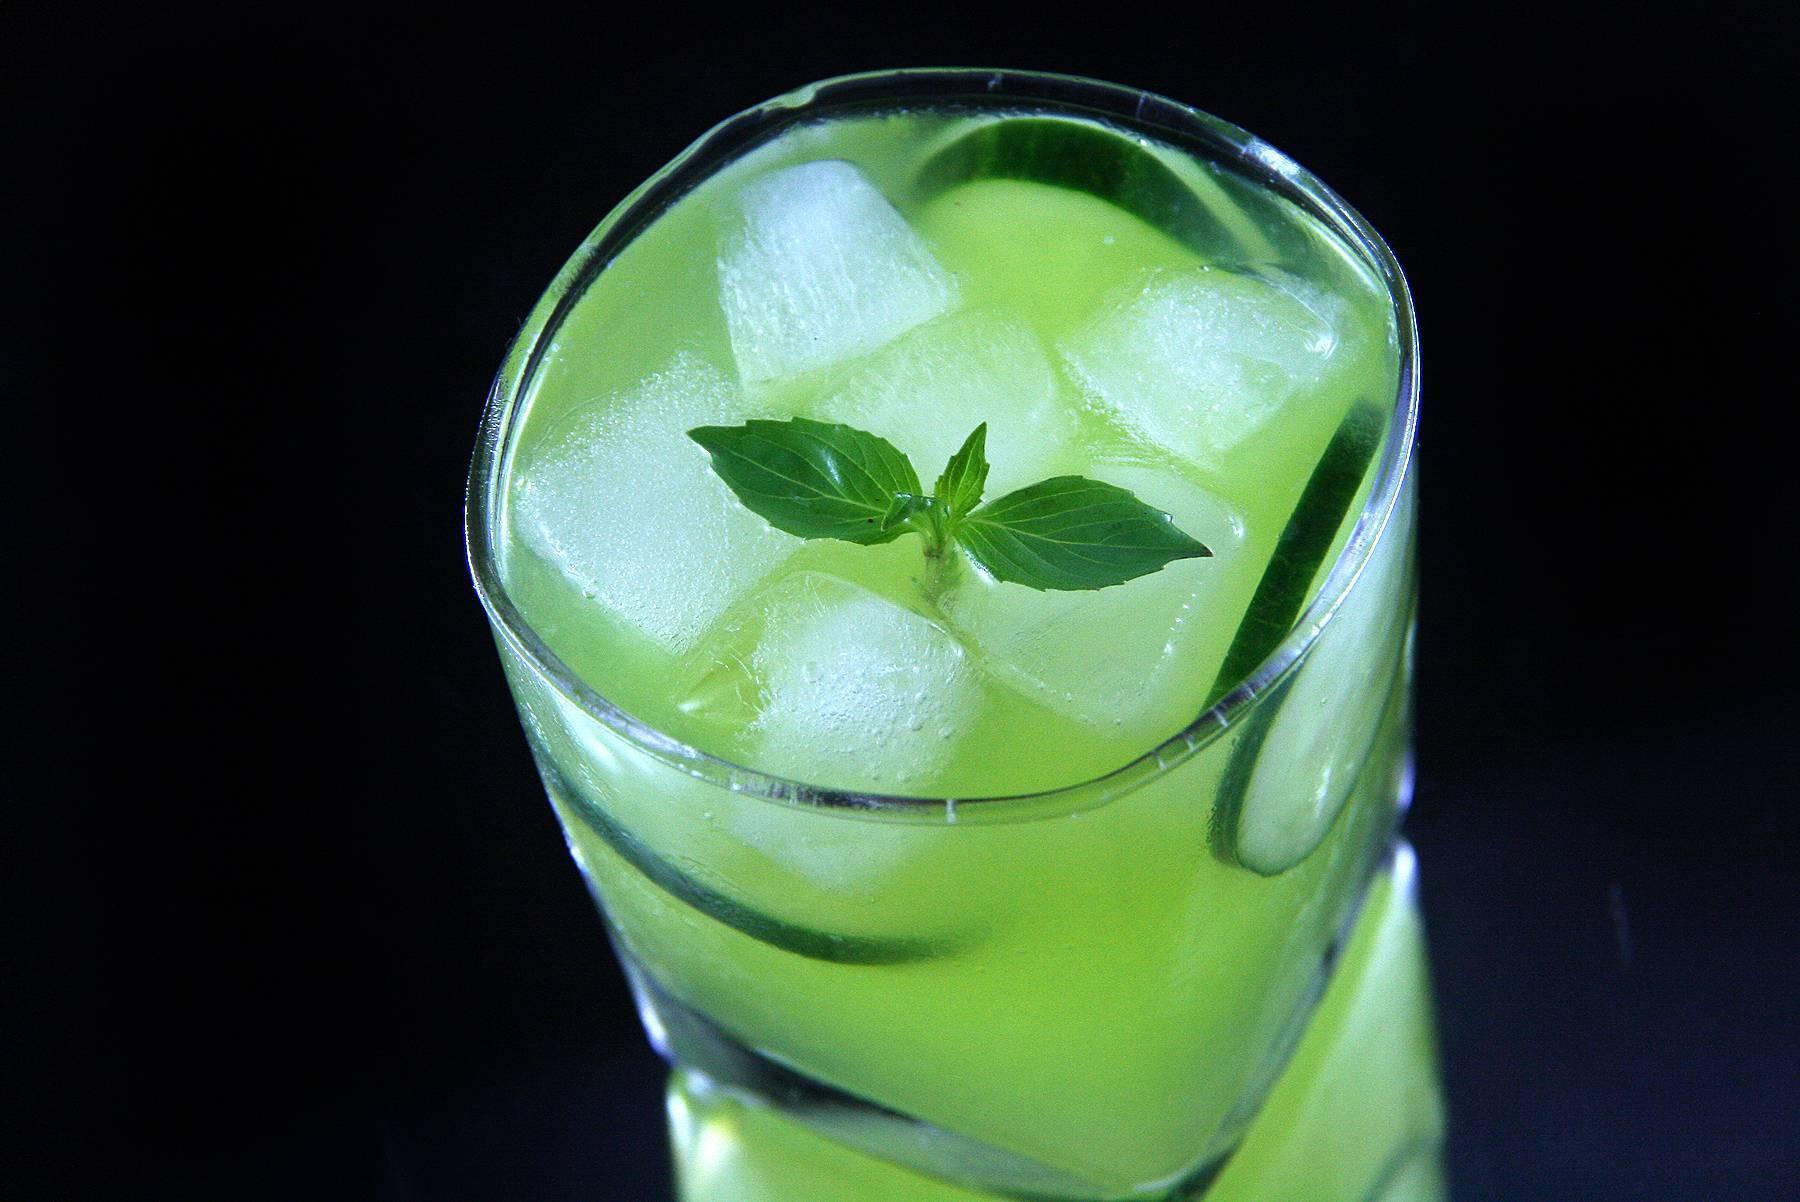 Мохито: рецепт алкогольный в домашних условиях. 5 способов приготовления